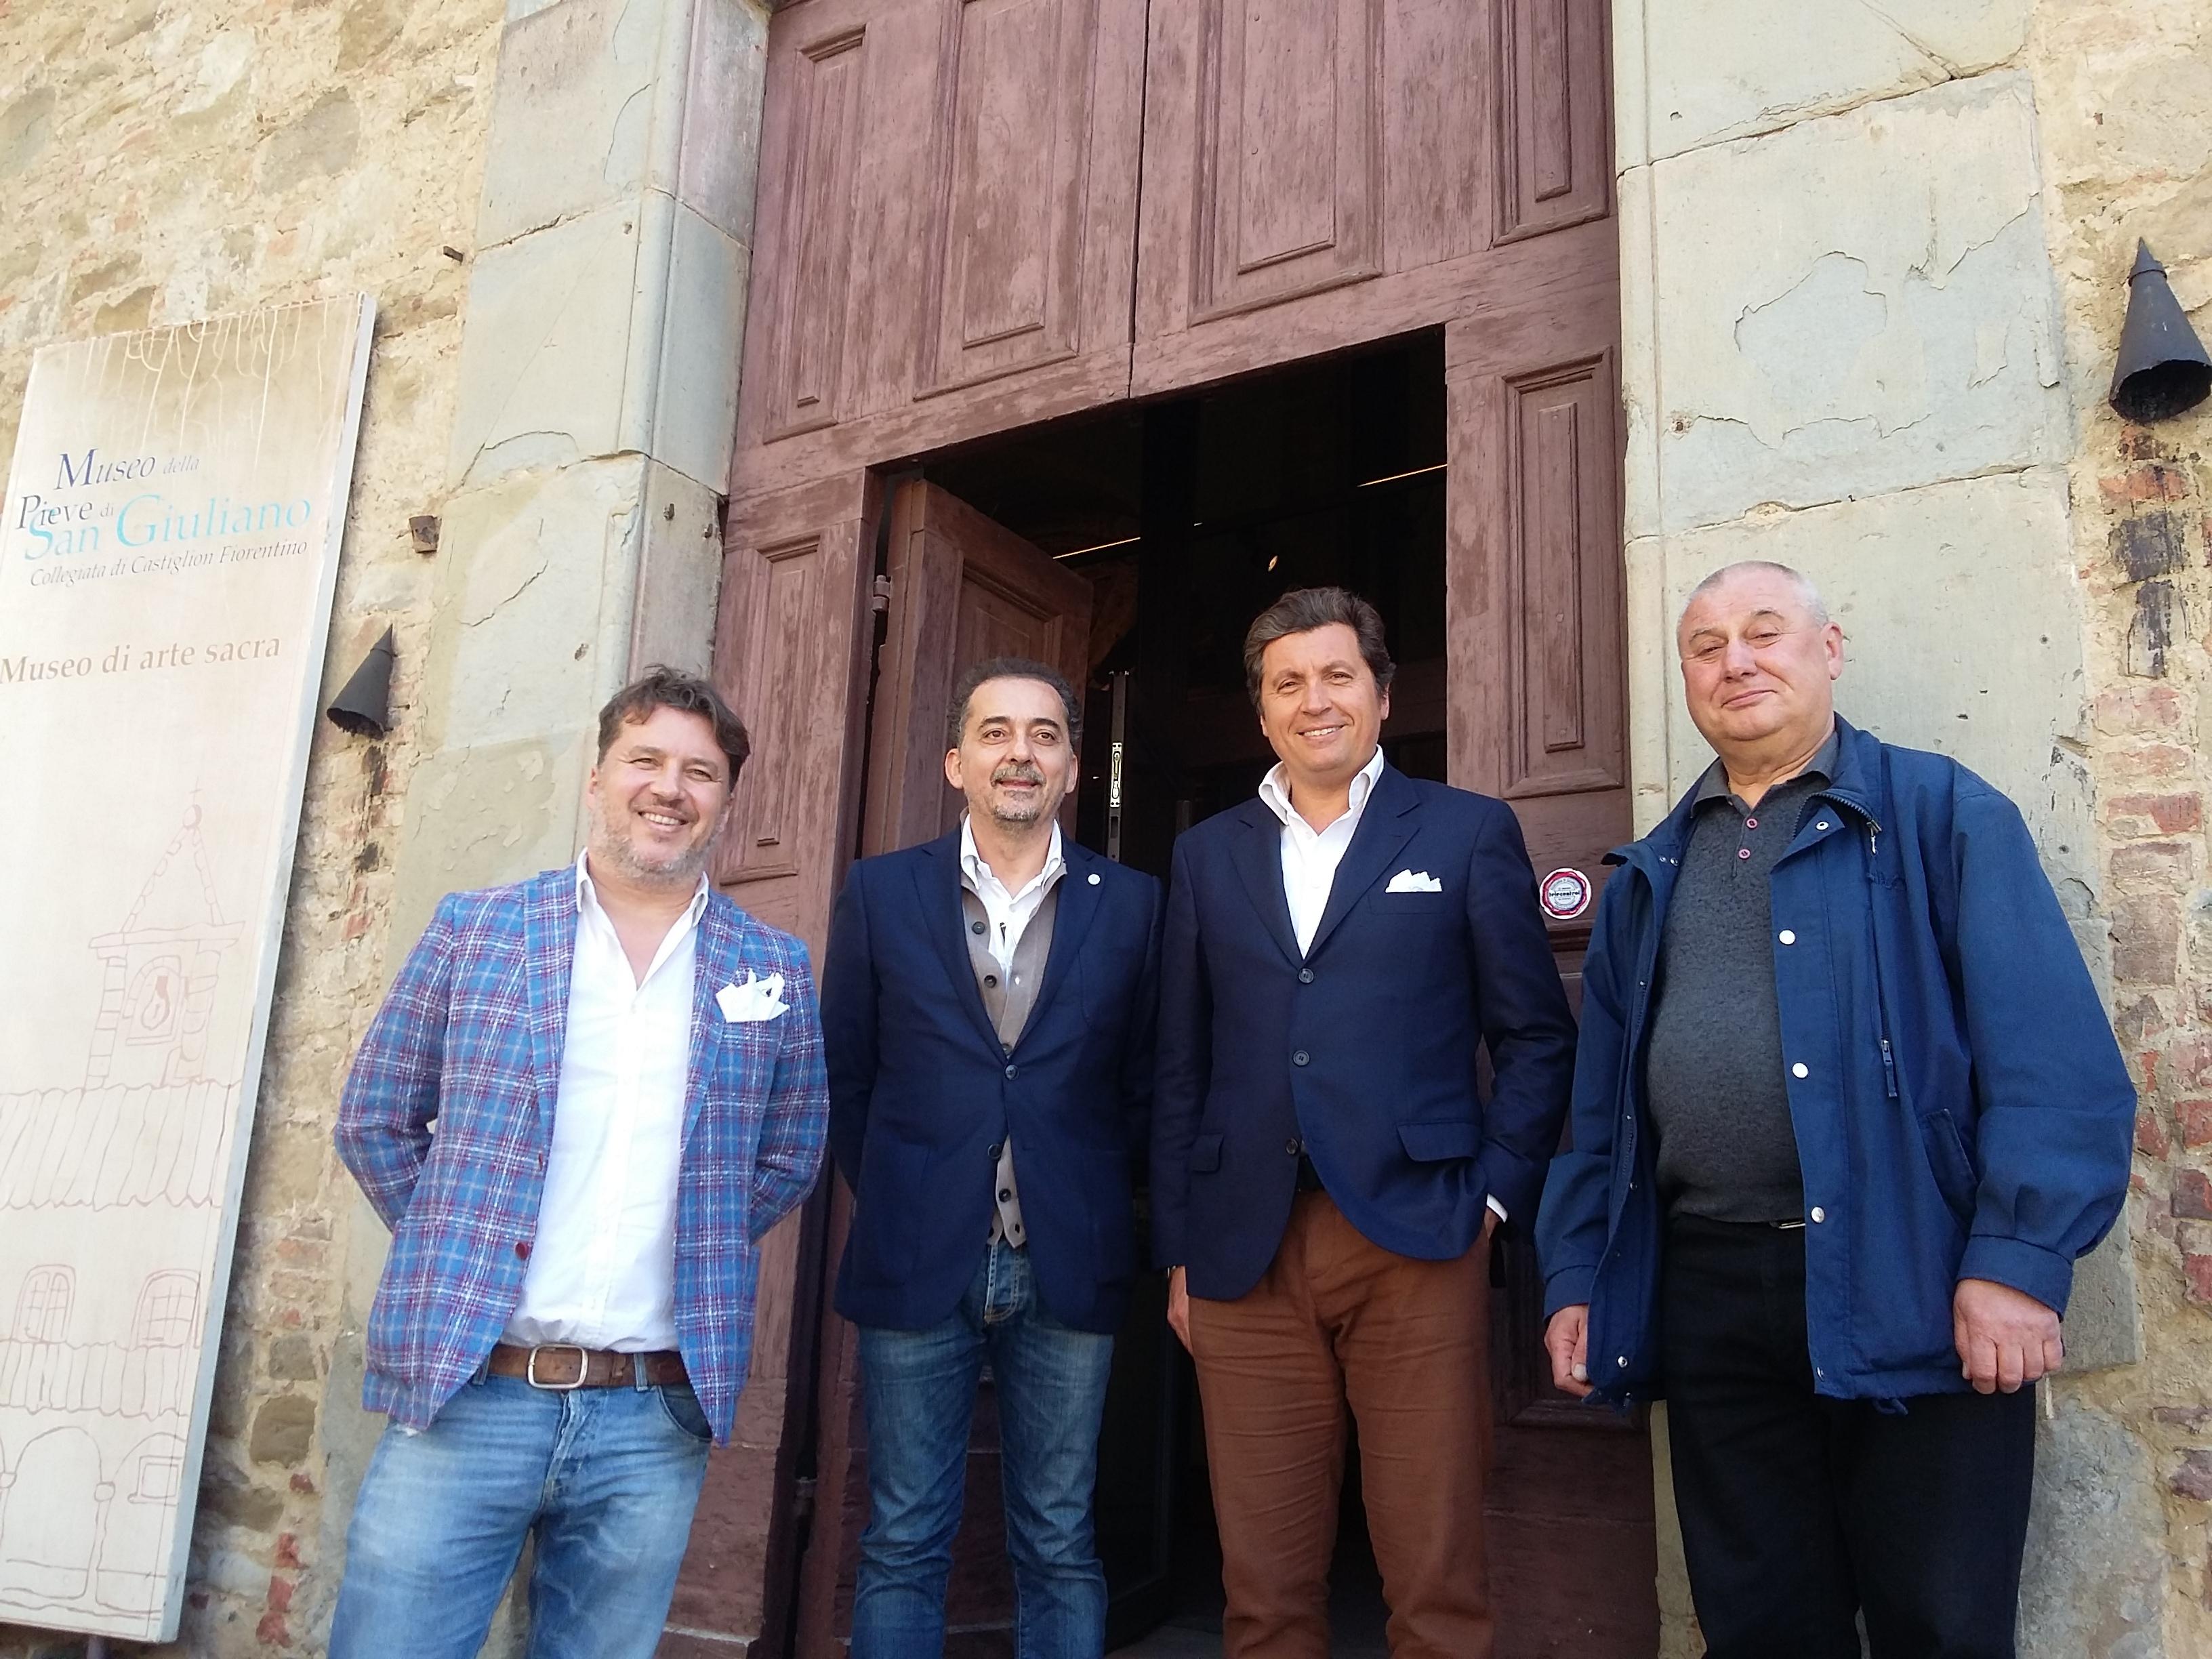 Museo della Pieve Vecchia: torna la gestione Comunale